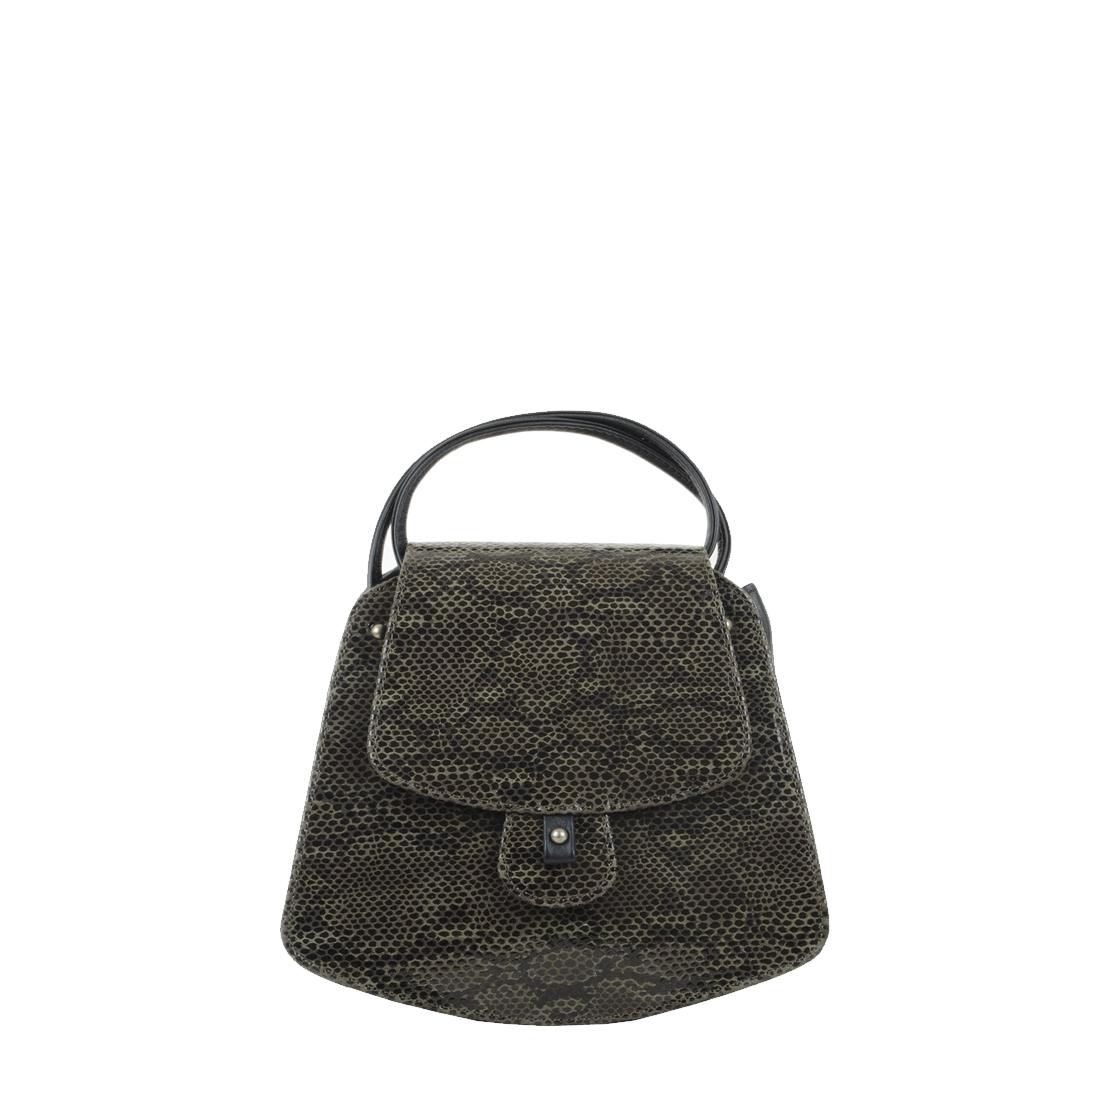 Clara Snakeskin olive Print Leather Shoulder Bag